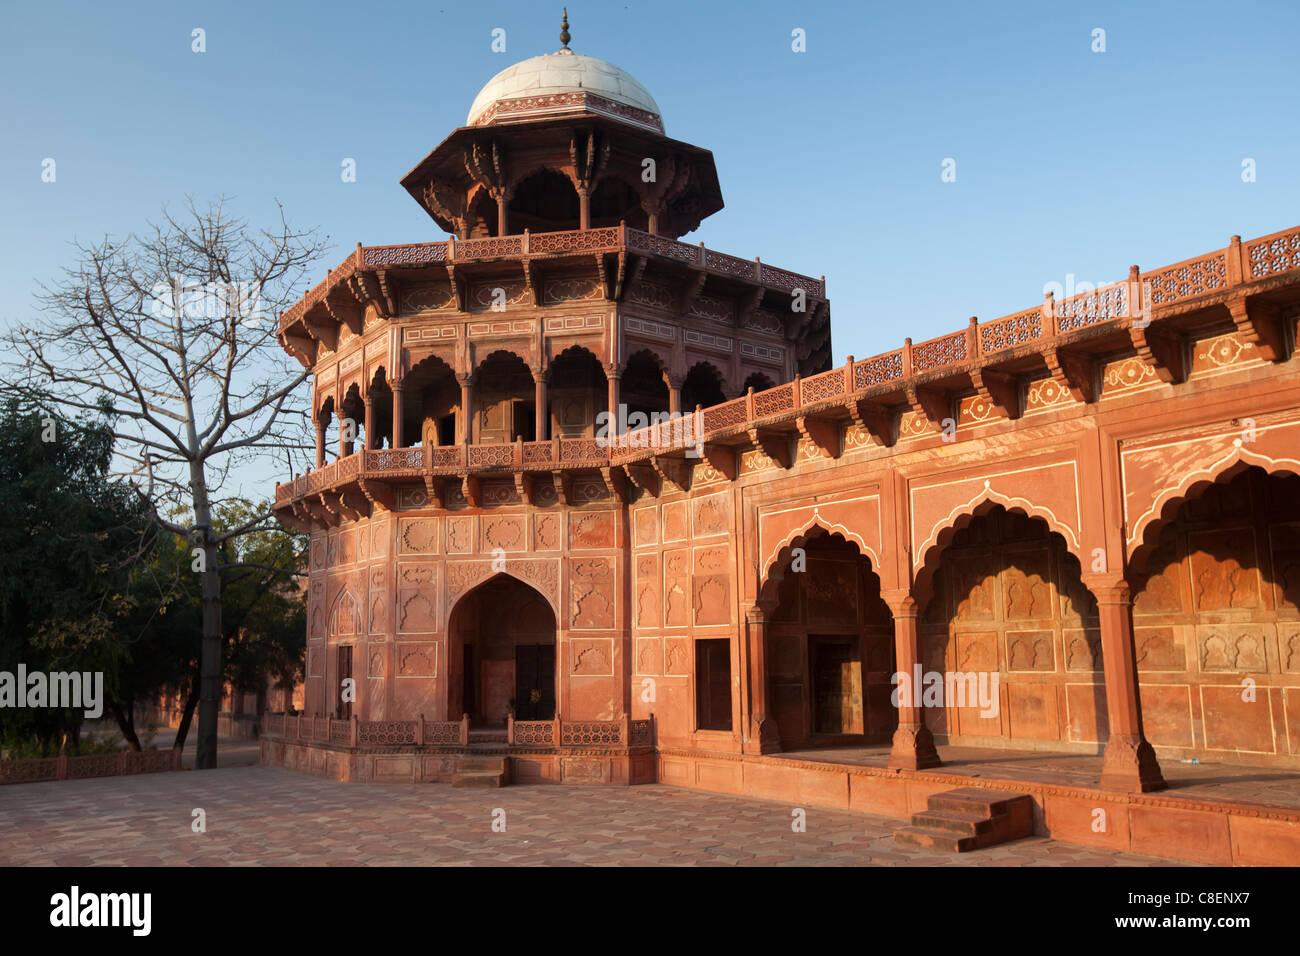 El Taj Mahal Mezquita arenisca roja y mármol blanco dome al amanecer, Uttar Pradesh, India Imagen De Stock